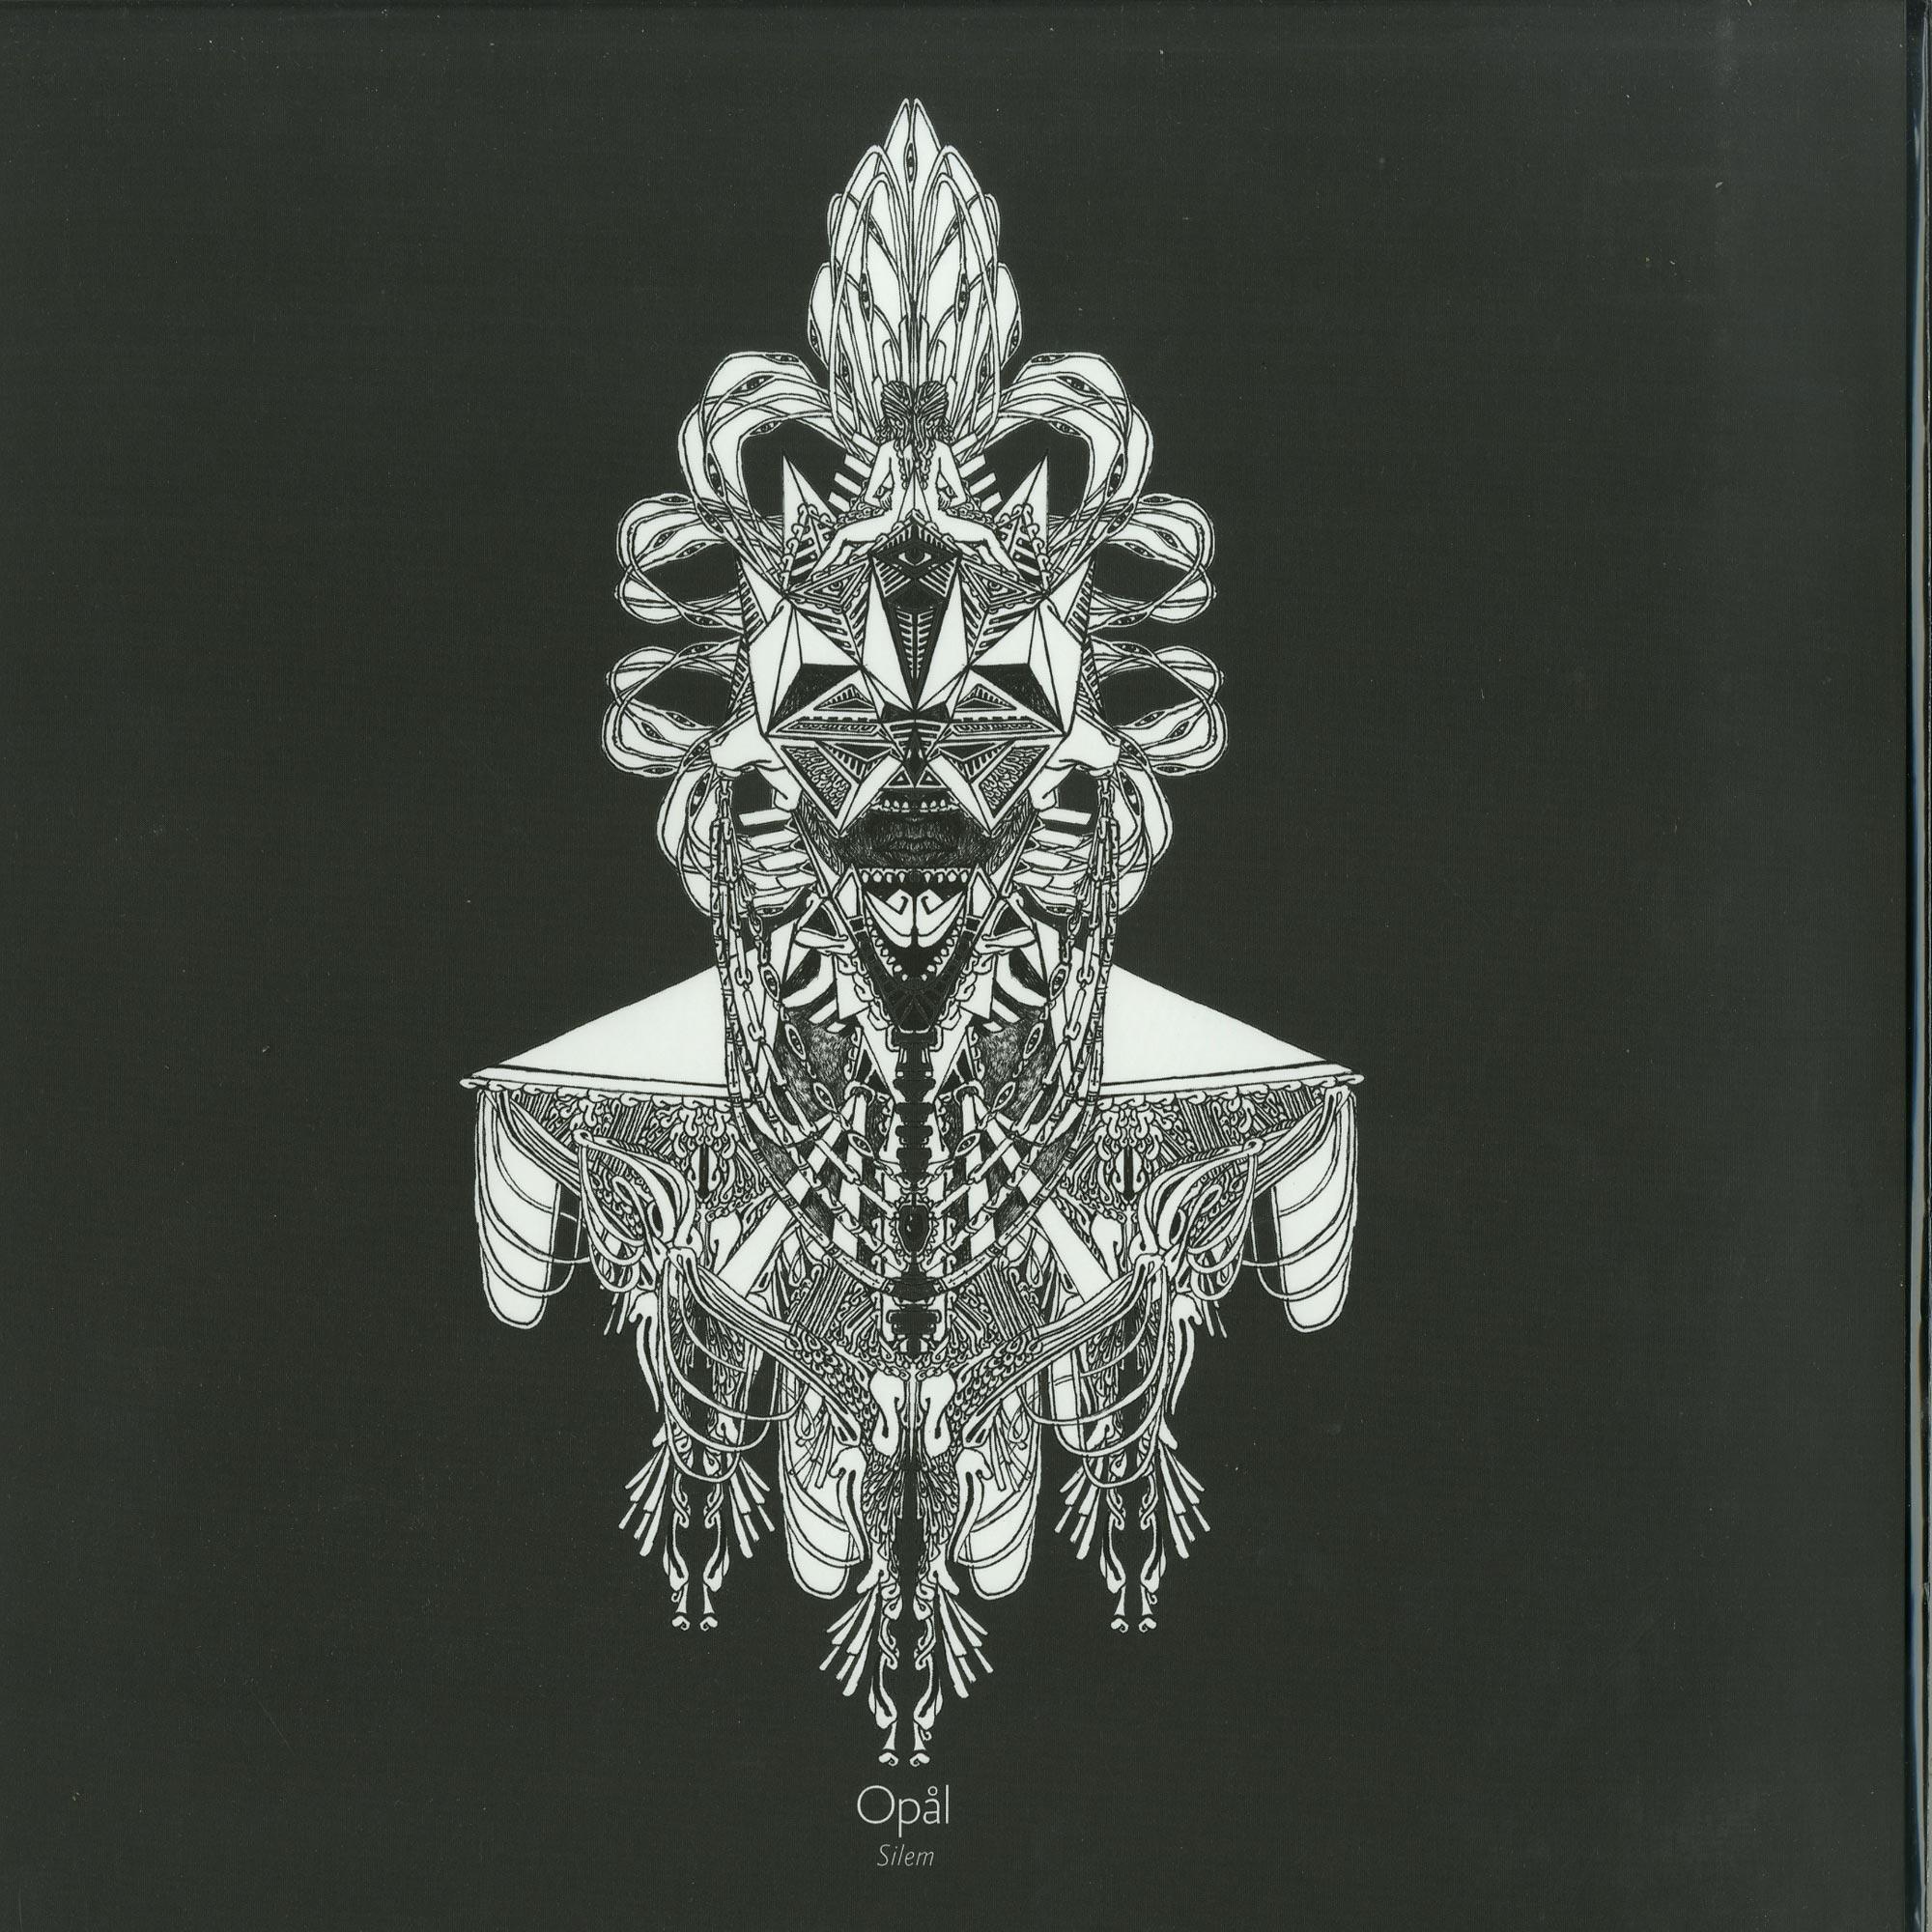 Opal - SILEM EP